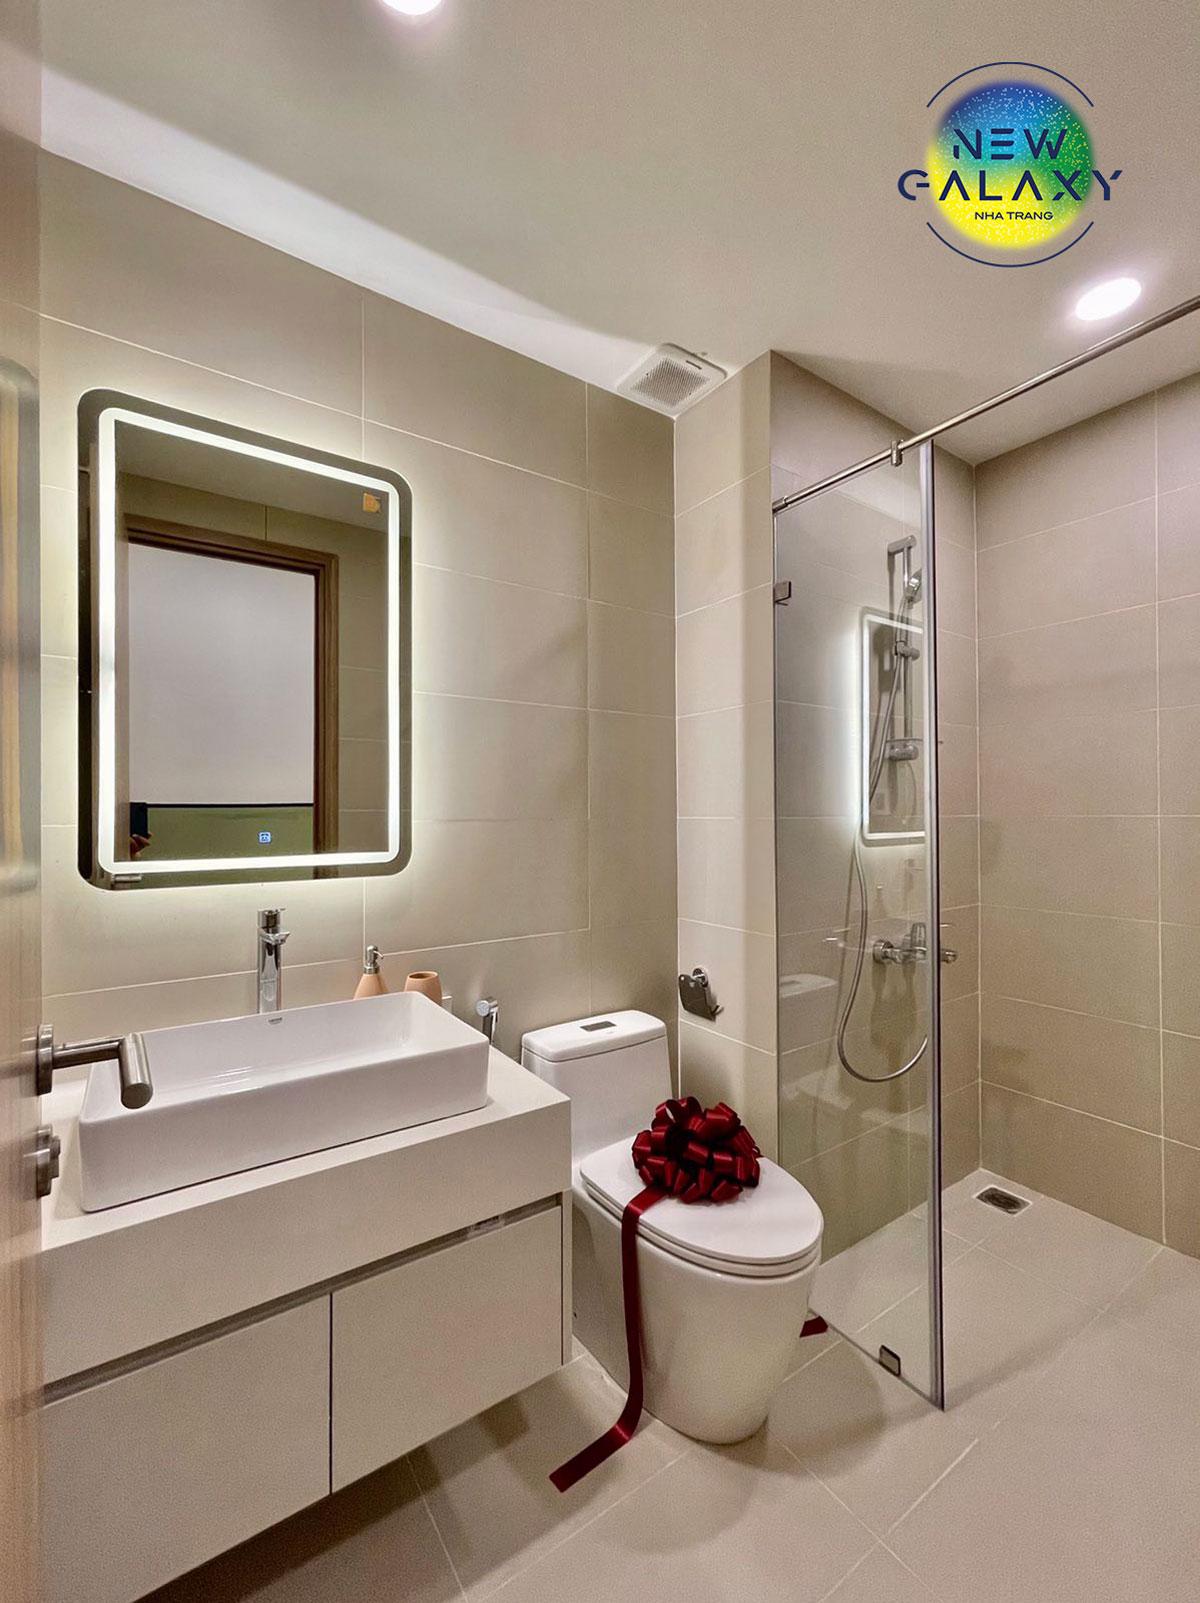 Phòng WC mẫu căn hộ New GalaxyNha Trang